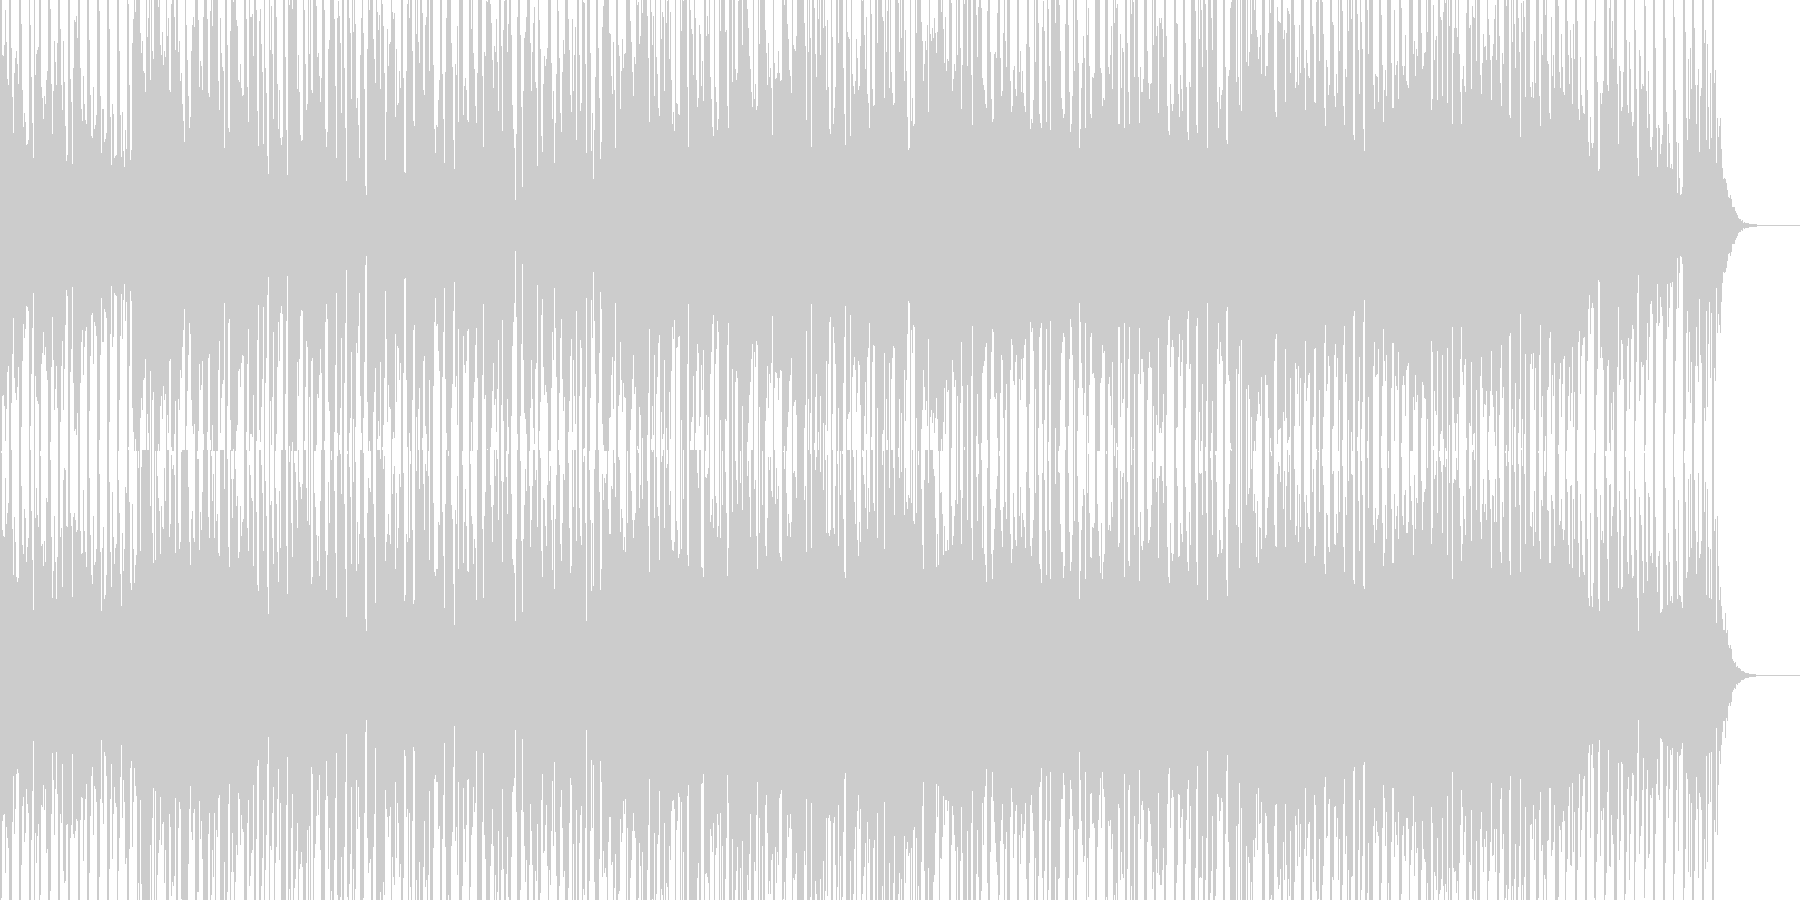 中華風のダンスミュージックの未再生の波形